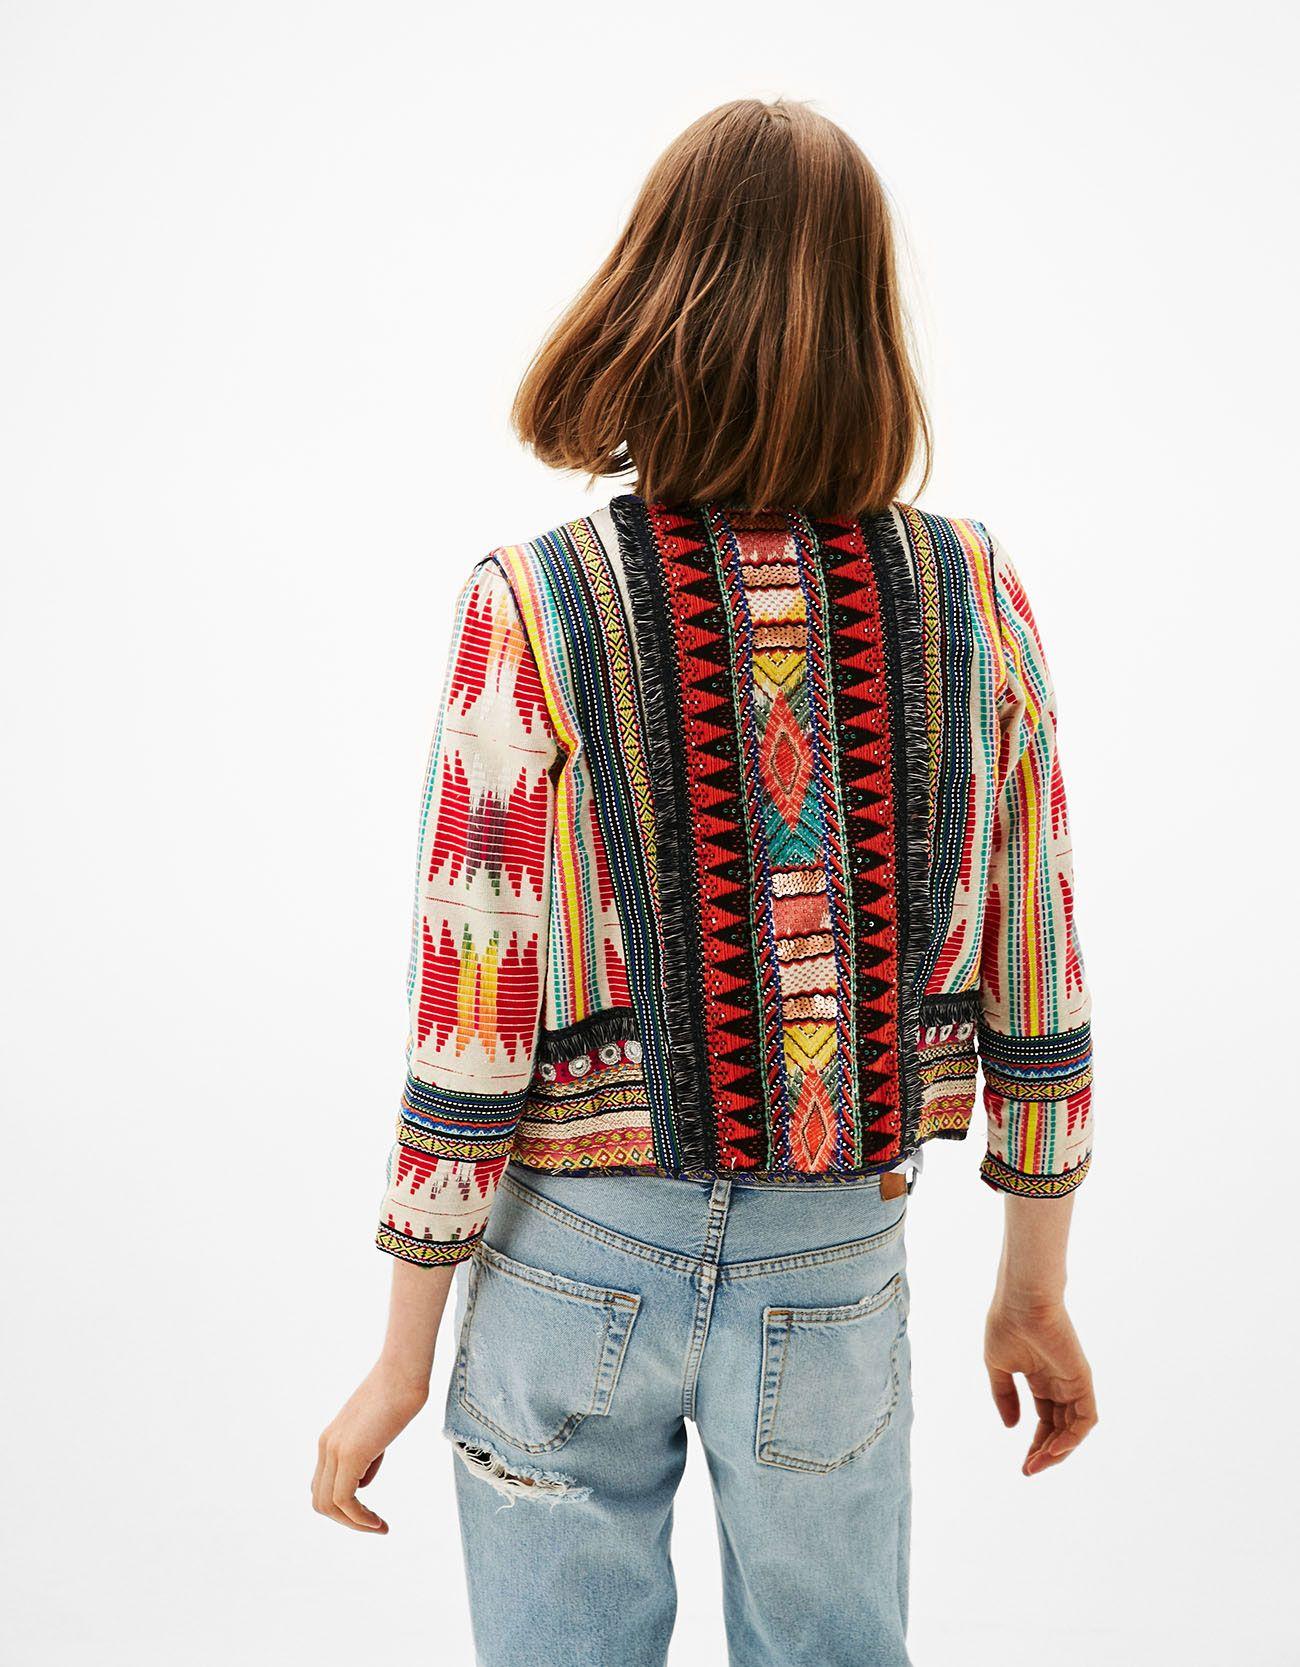 Jacke Mit Ethno Details Entdecken Sie Diese Und Viele Andere Kleidungsstucke In Bershka Unter Neue Produkte Jede Woche Modische Kleidung